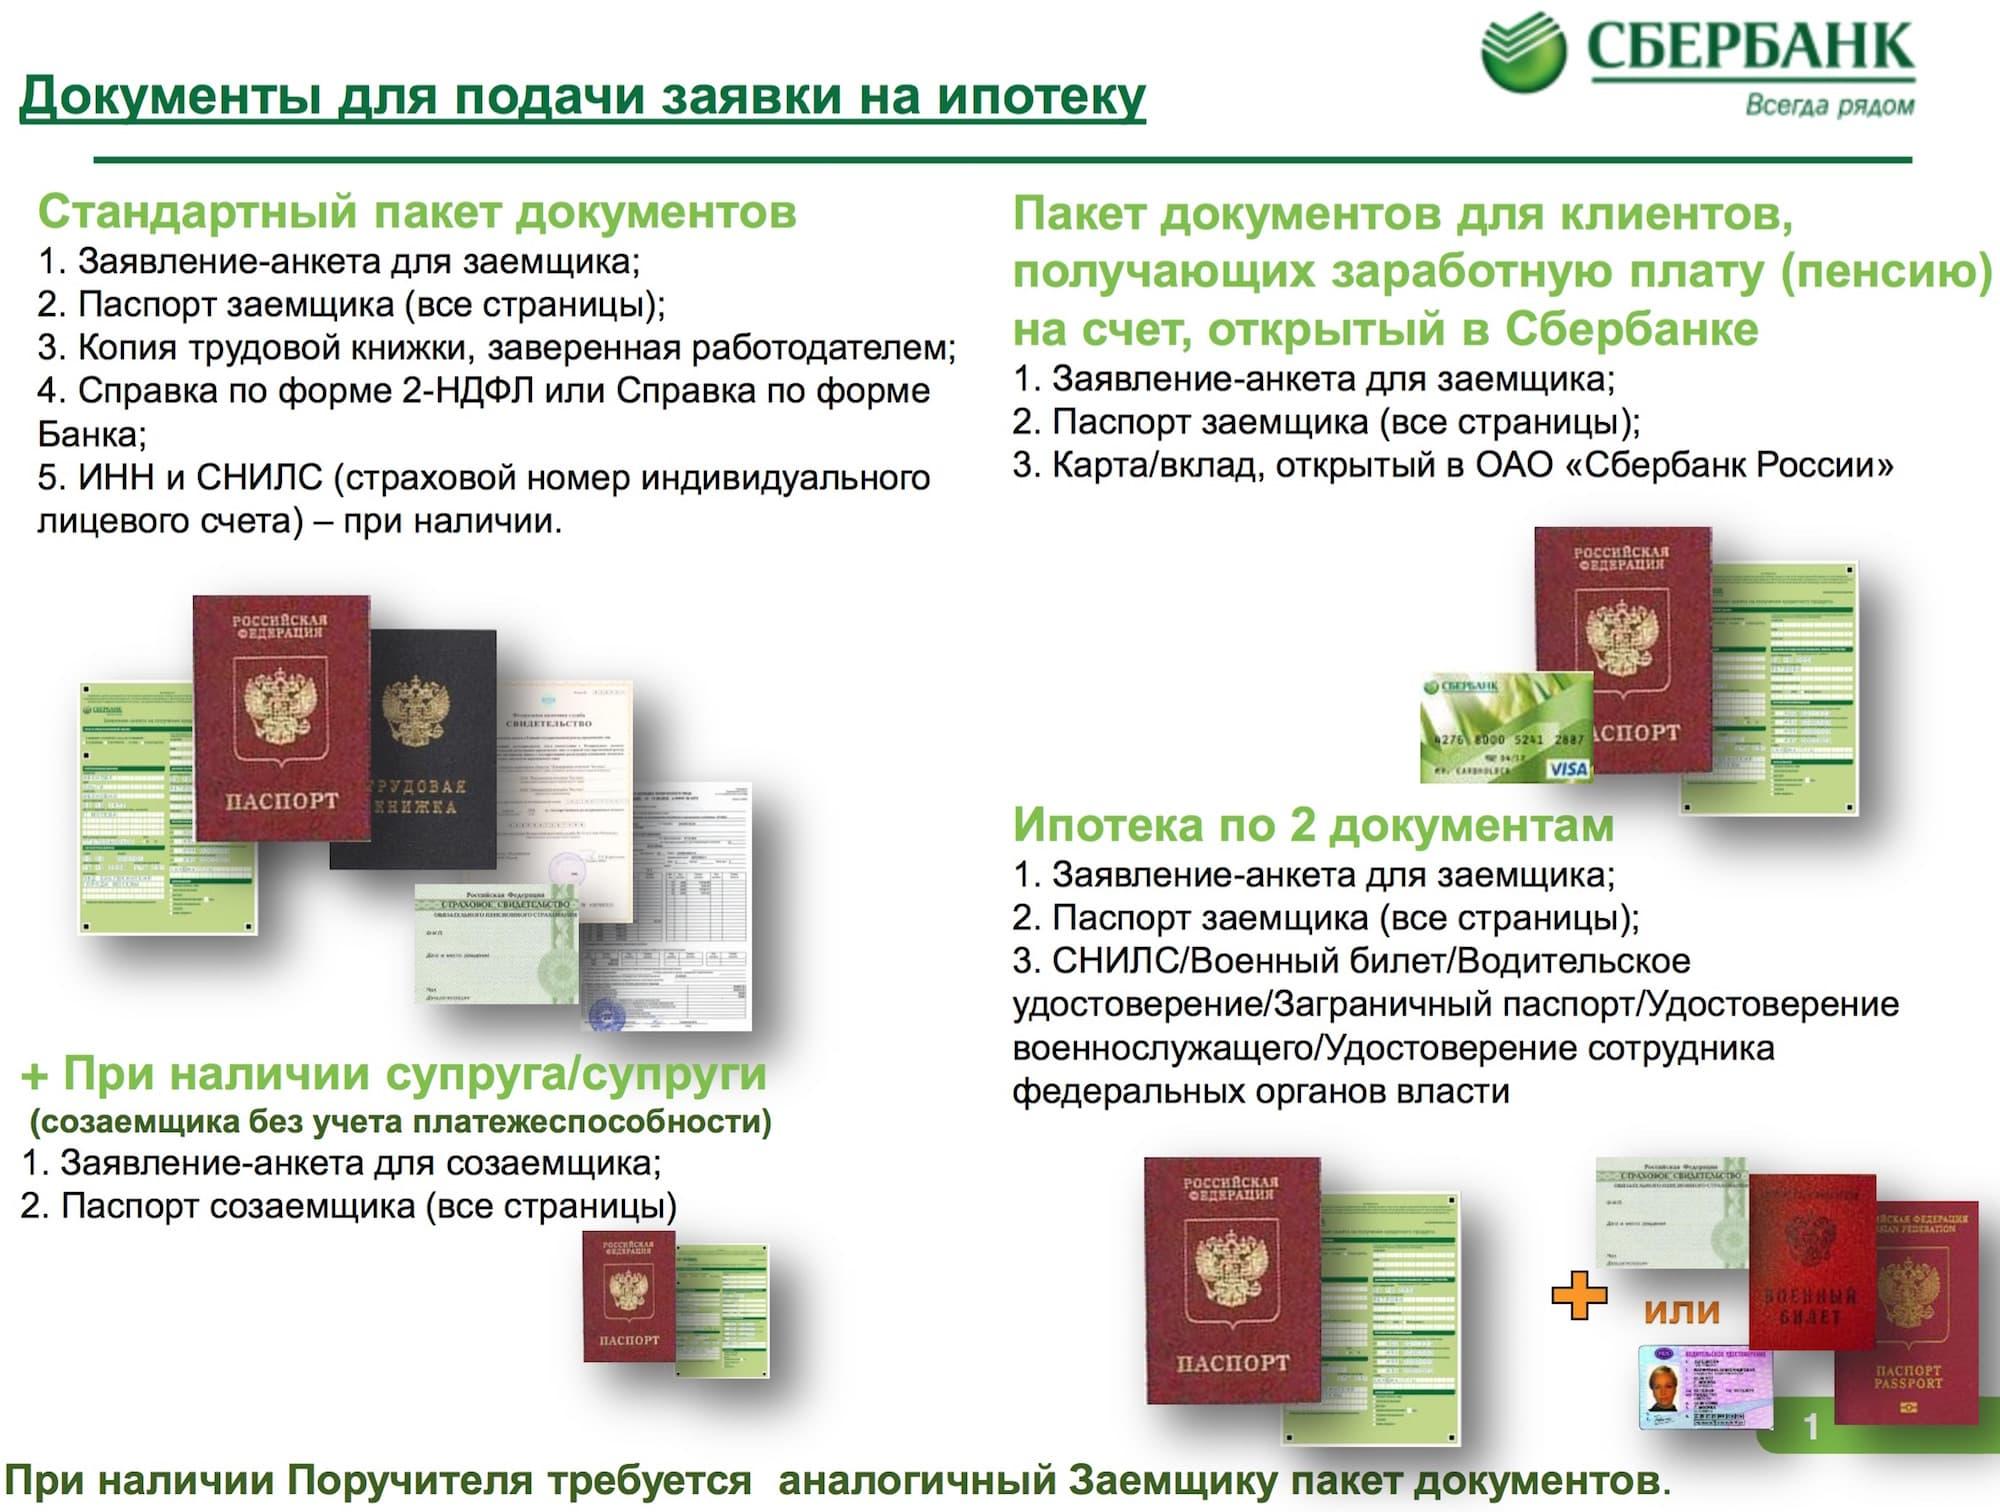 Образец договора комиссии на оказание услуг